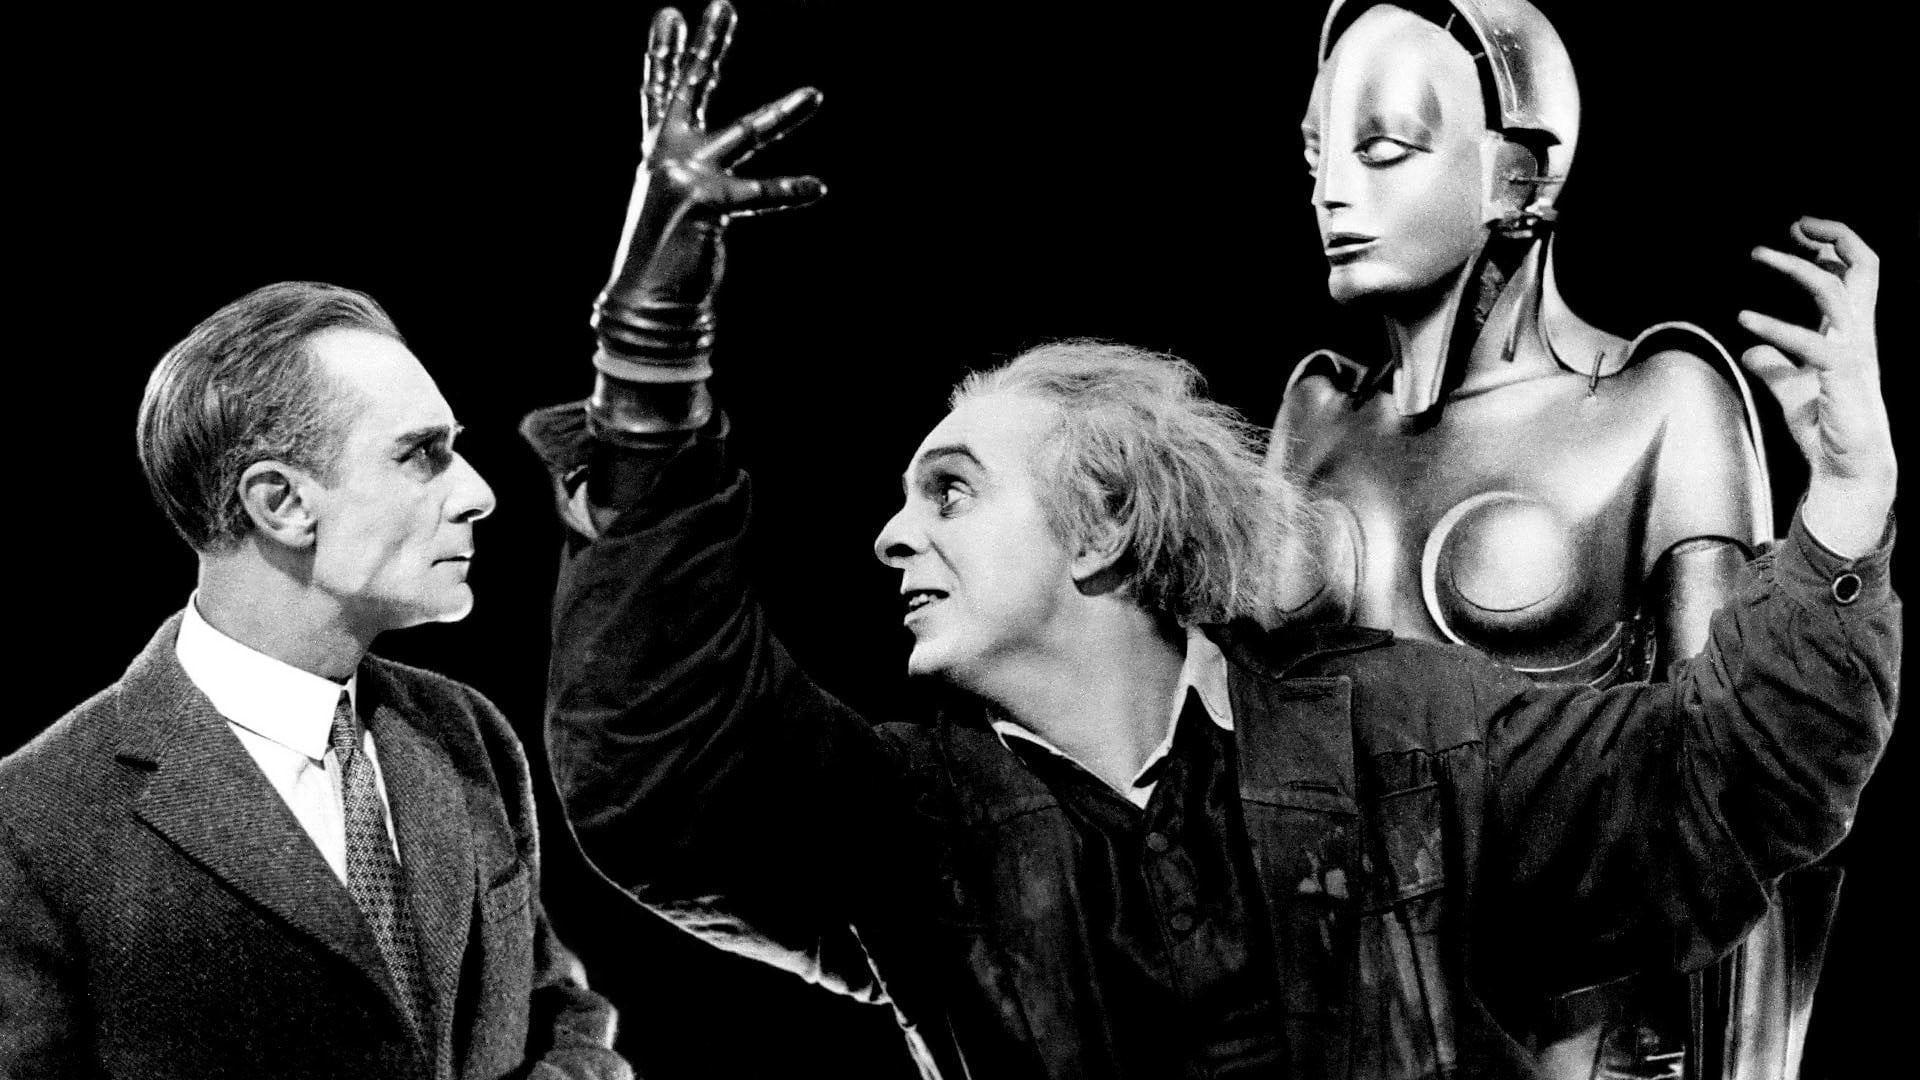 Кадры из фильма Метрополис Metropolis 1927